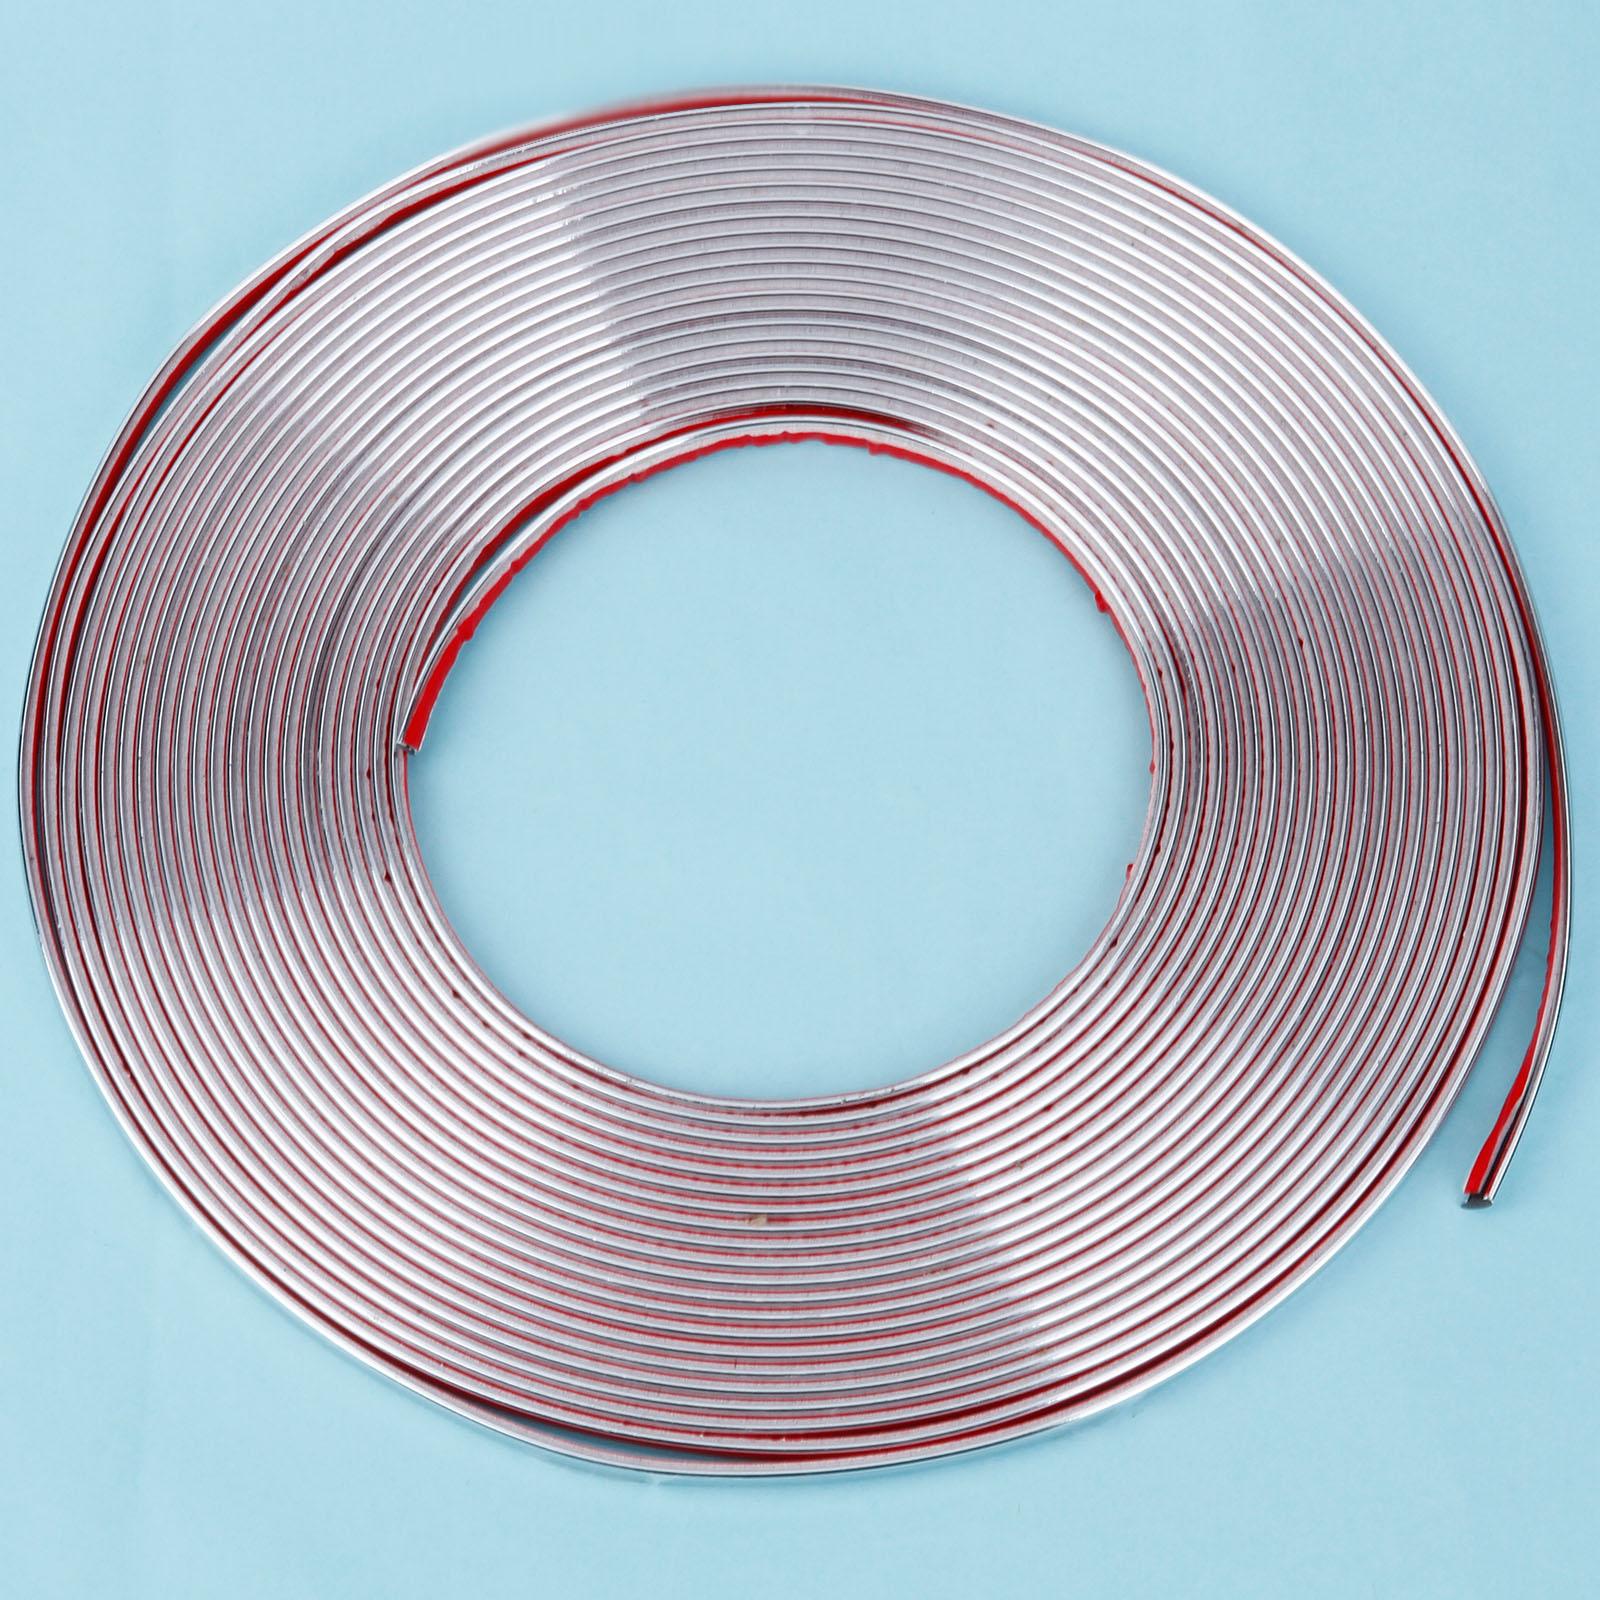 15m x 6mm chrom zierleisten selbstklebend chromleiste leiste kantenschutz ebay